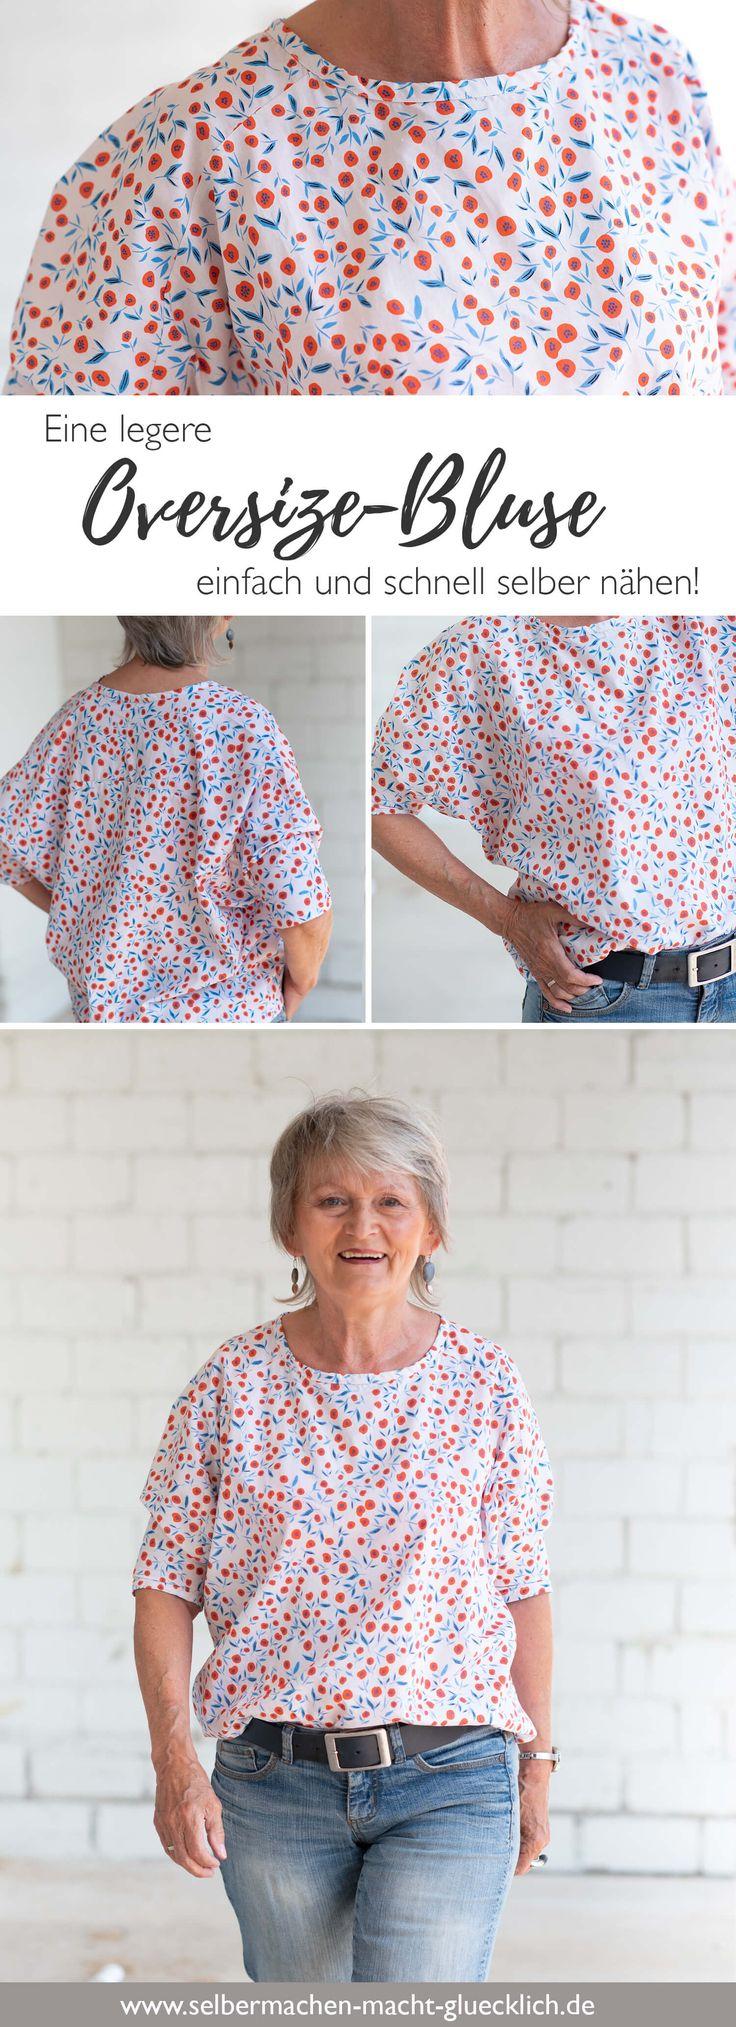 Eine legere Oversize-Bluse einfach selber nähen!